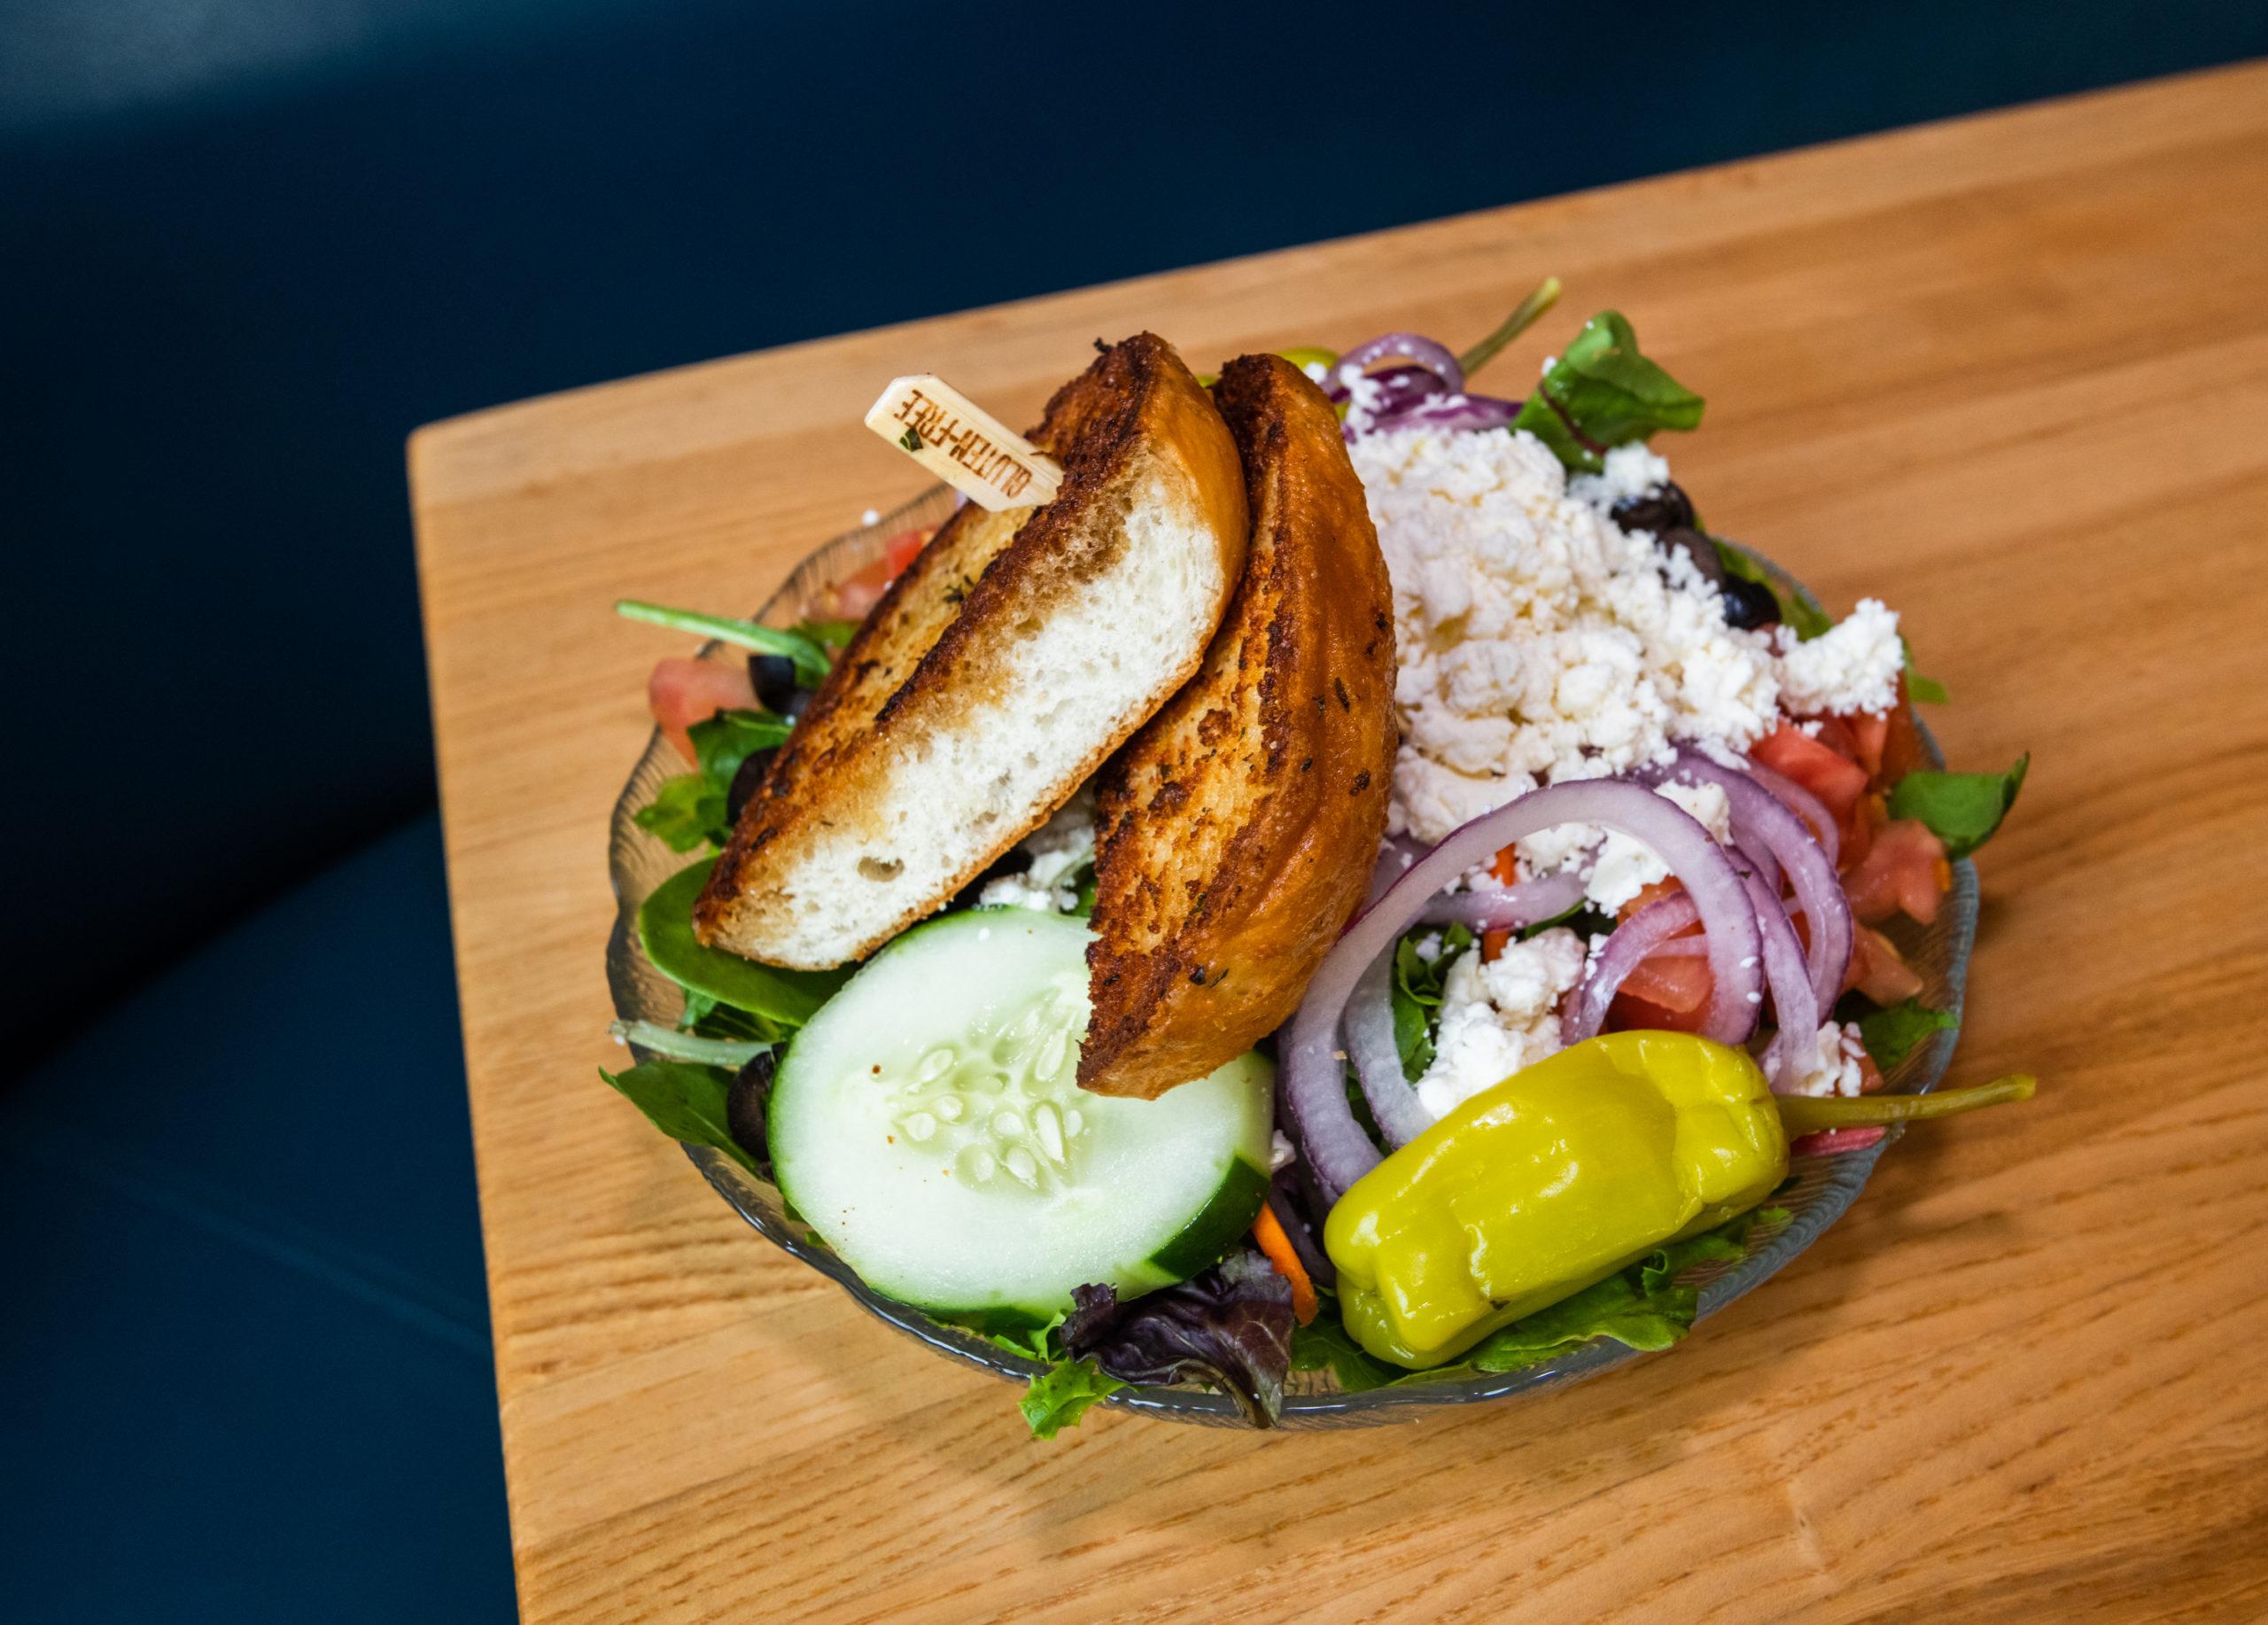 gluten free greek salad with gf bread, the cabin restaurant